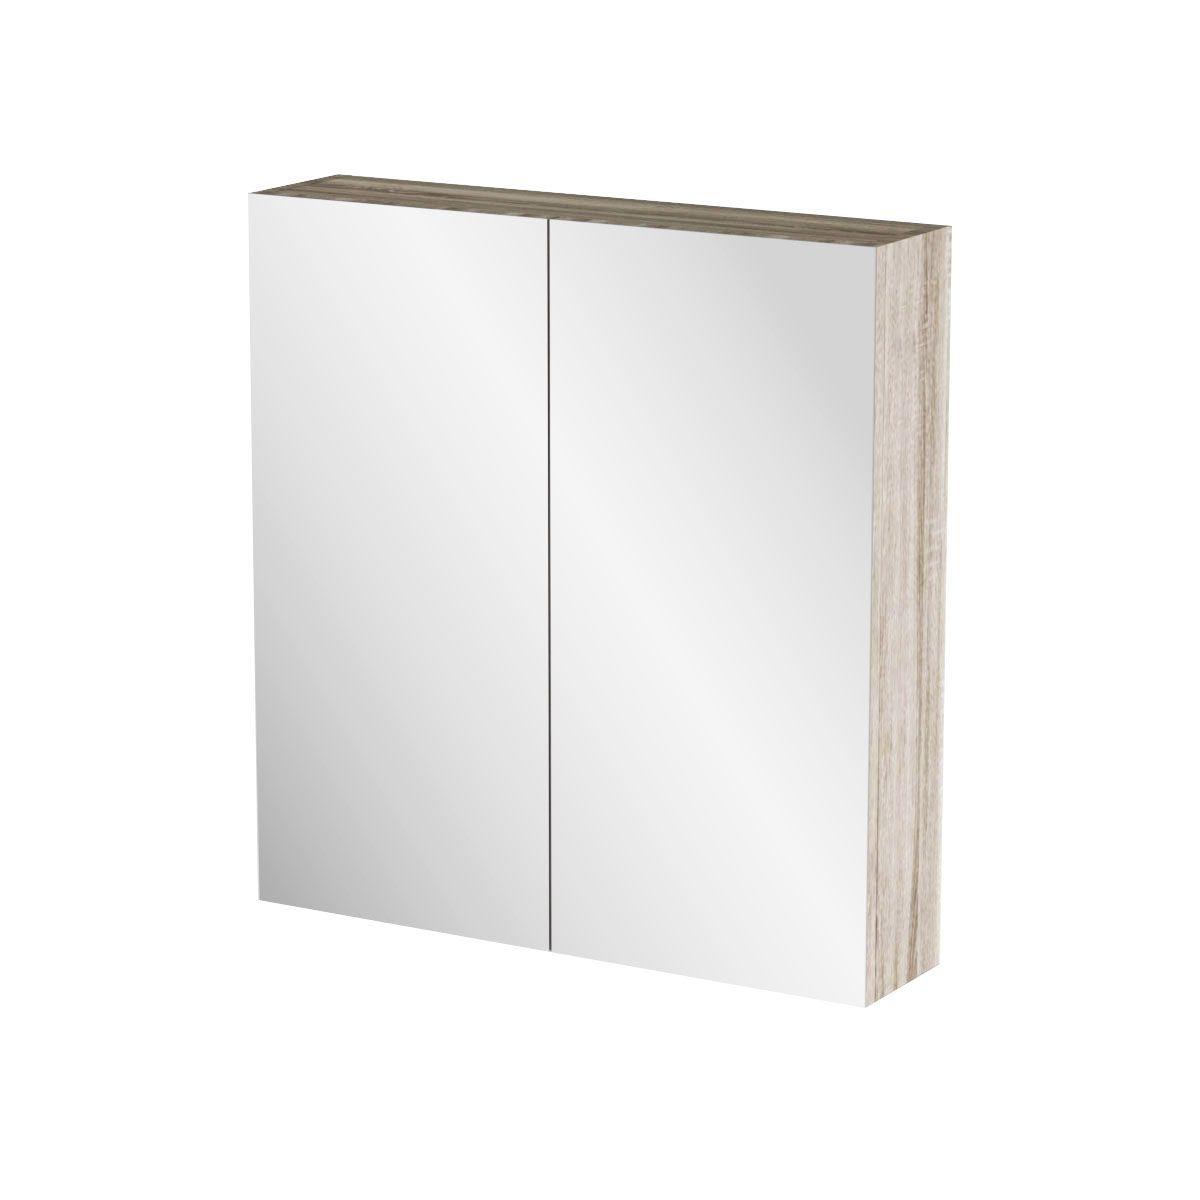 """Καθρέπτης μπάνιου """"ODELIA"""" σε sonoma χρώμα 62x14x65"""